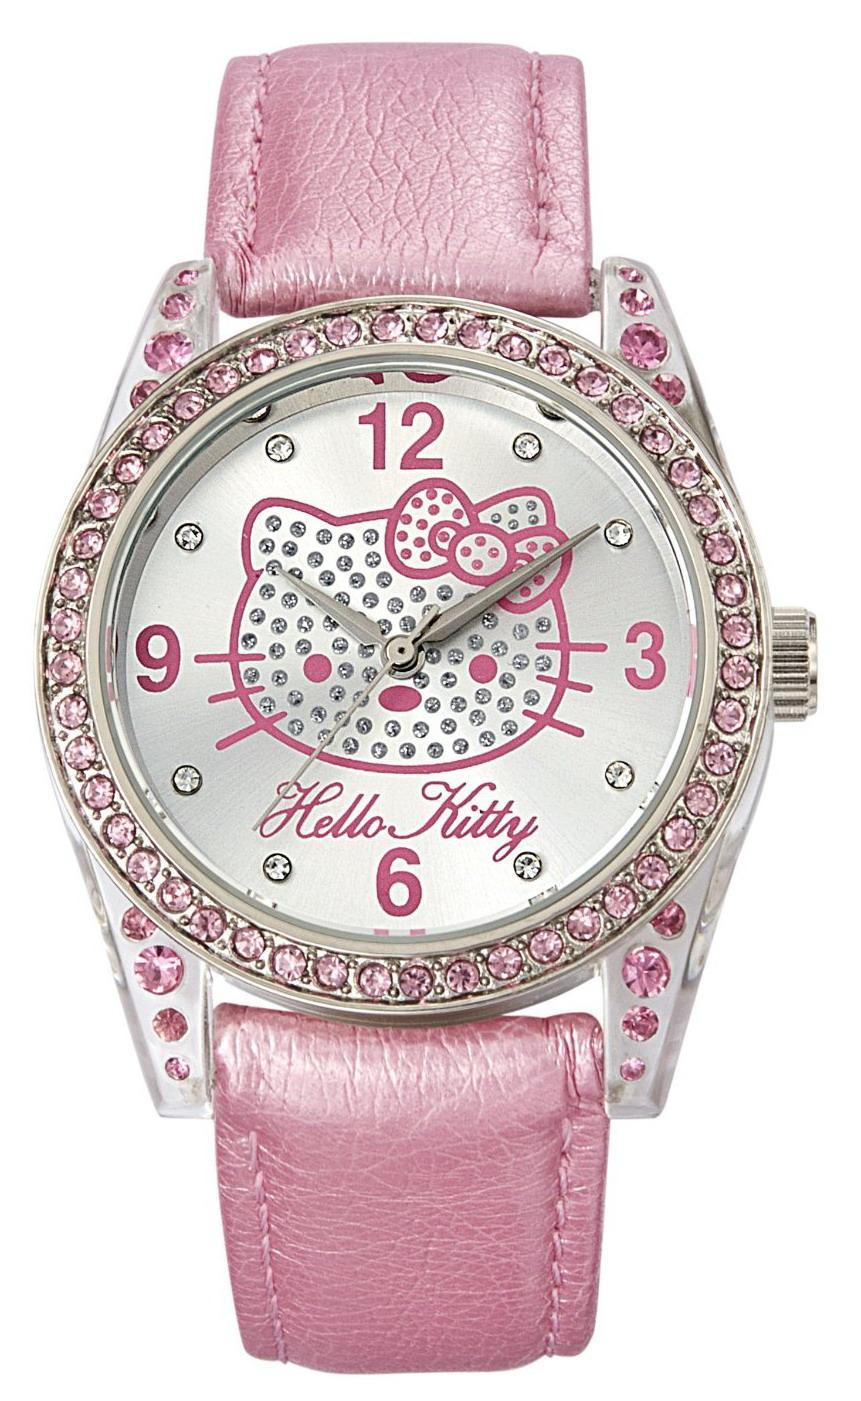 Hodinky Hello Kitty HK4401001